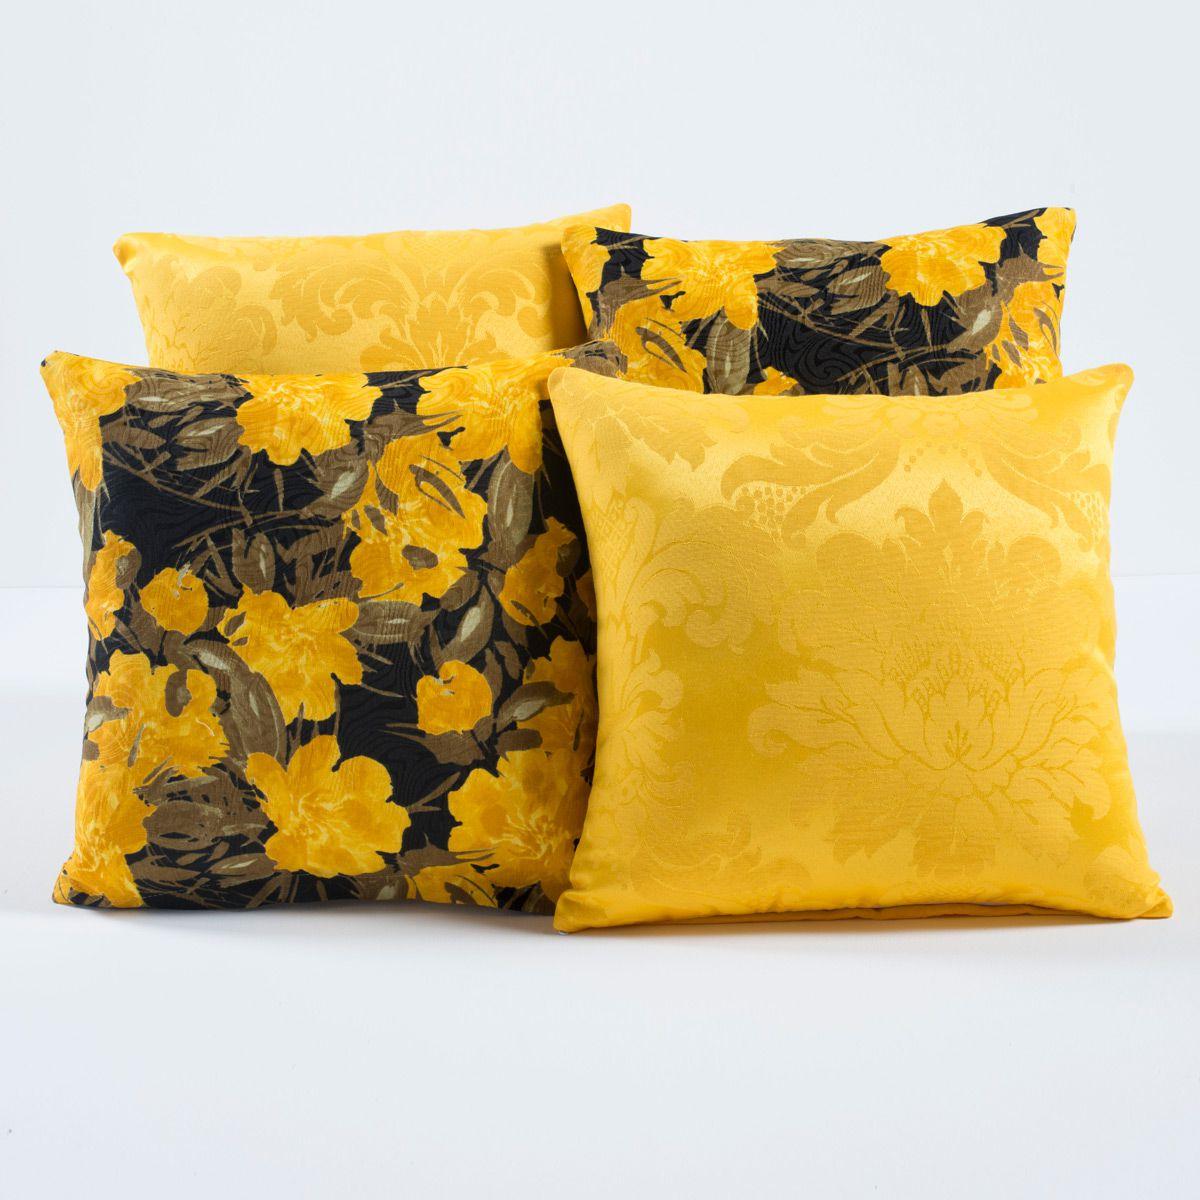 Kit c/ 4 Almofadas Cheias Decorativas Floral Amarelo/Preto 04 Peças c/ Refil